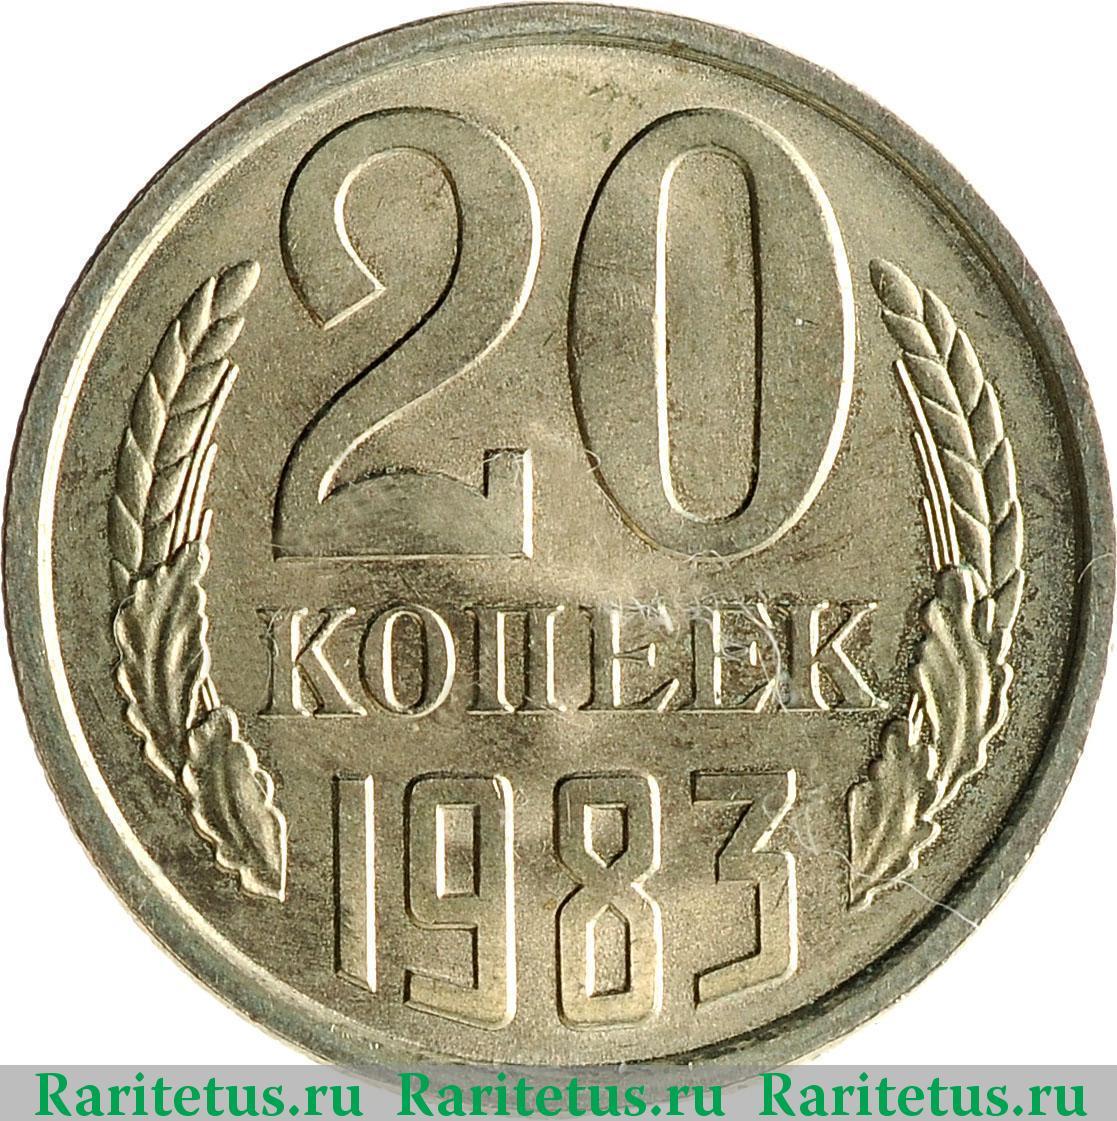 20 копеек 1983 года цена стоимость монеты 1 копейка 1953 года разновидности